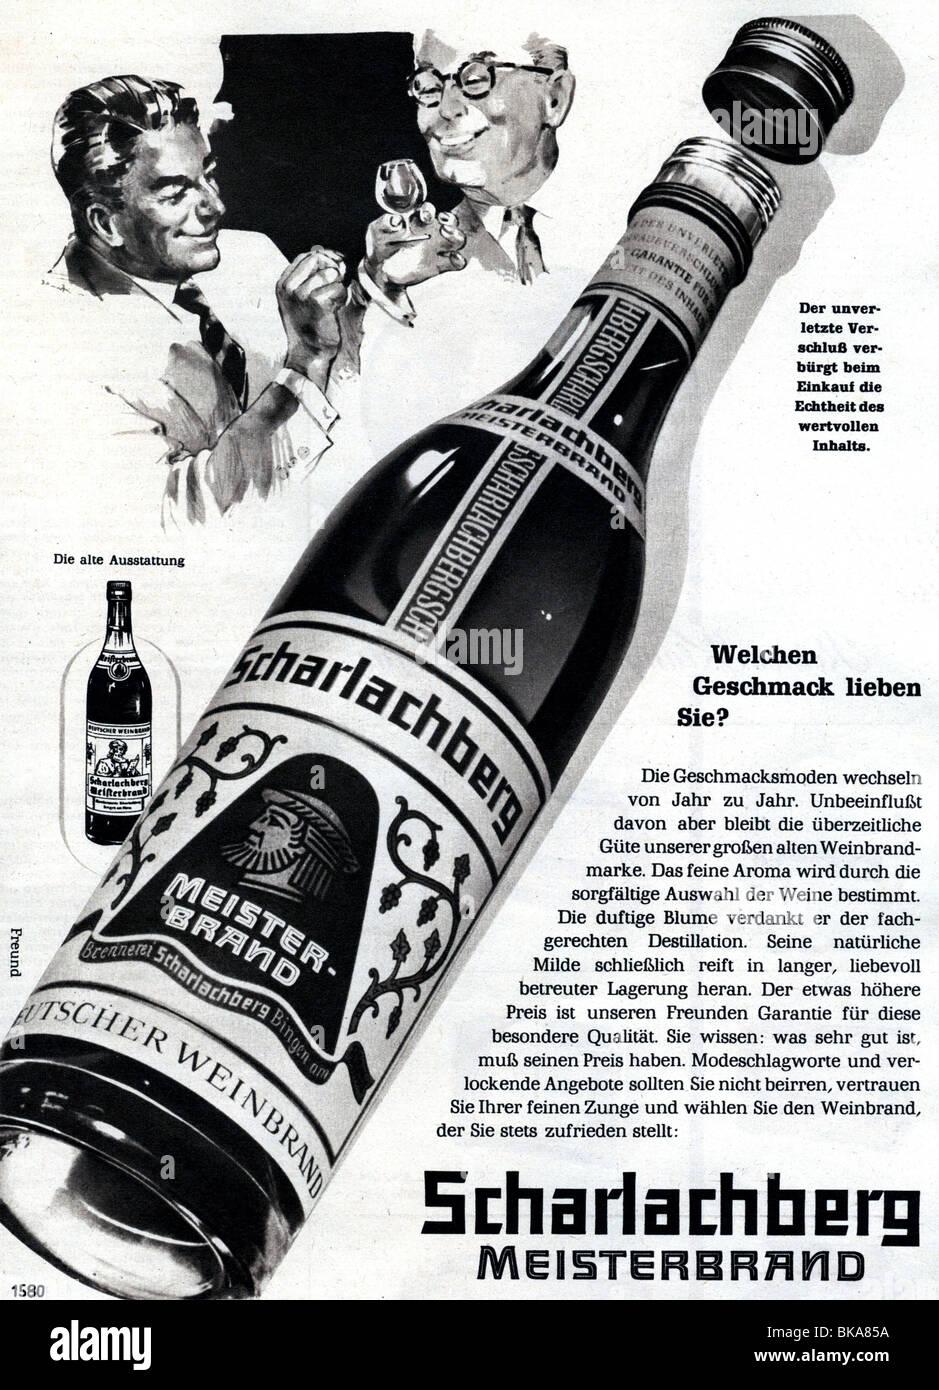 Werbung, Getränke, Spirituosen, Scharlachberg Meisterbrand, Werbung ...